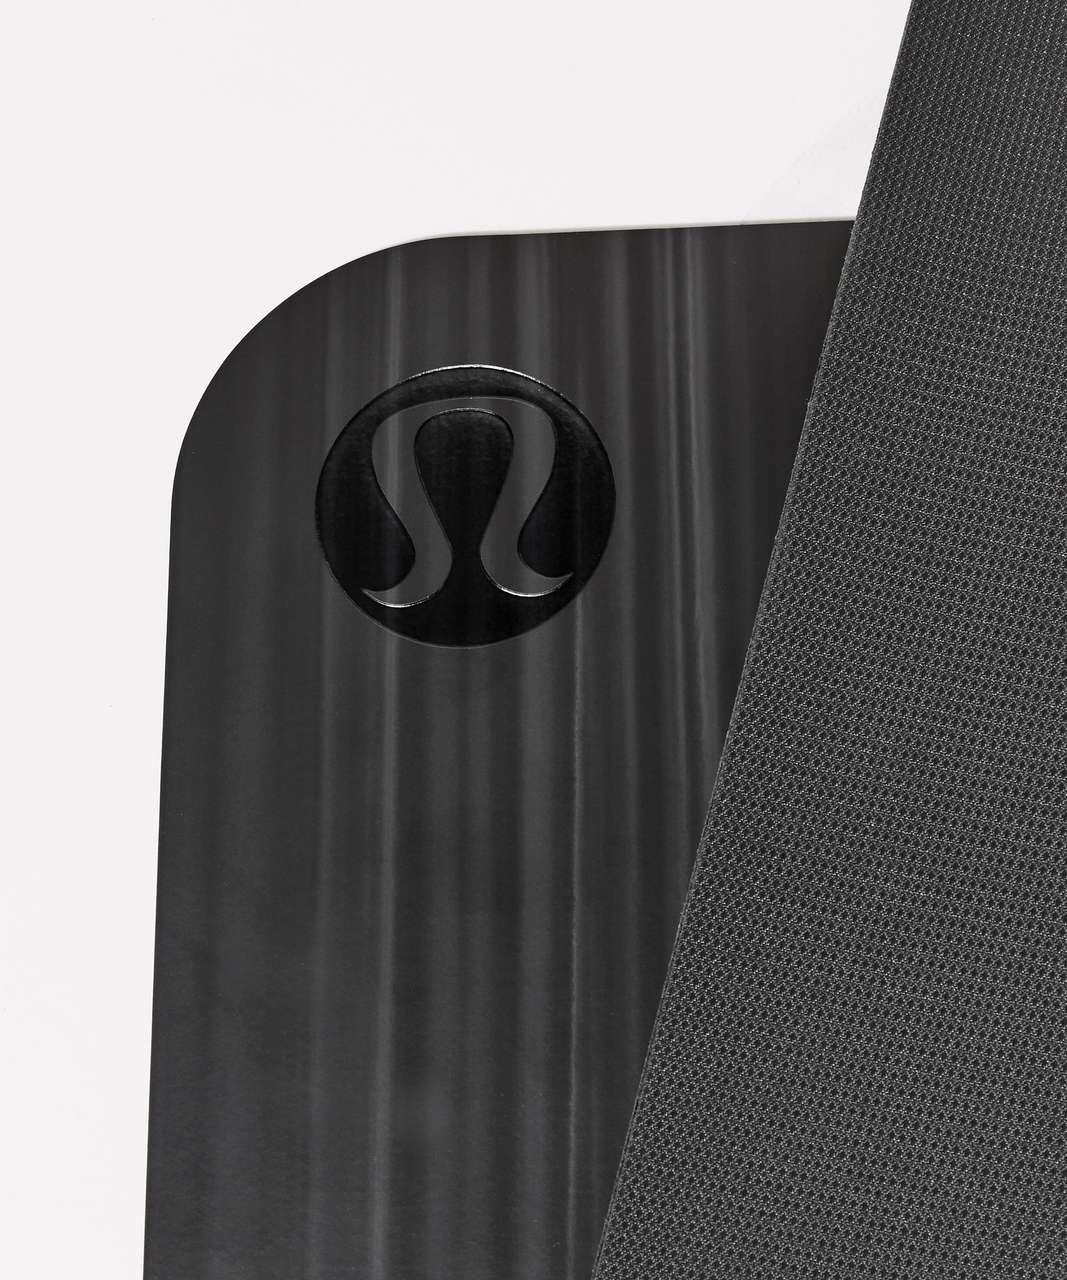 Lululemon The Reversible Mat 5mm - Black / White / Black